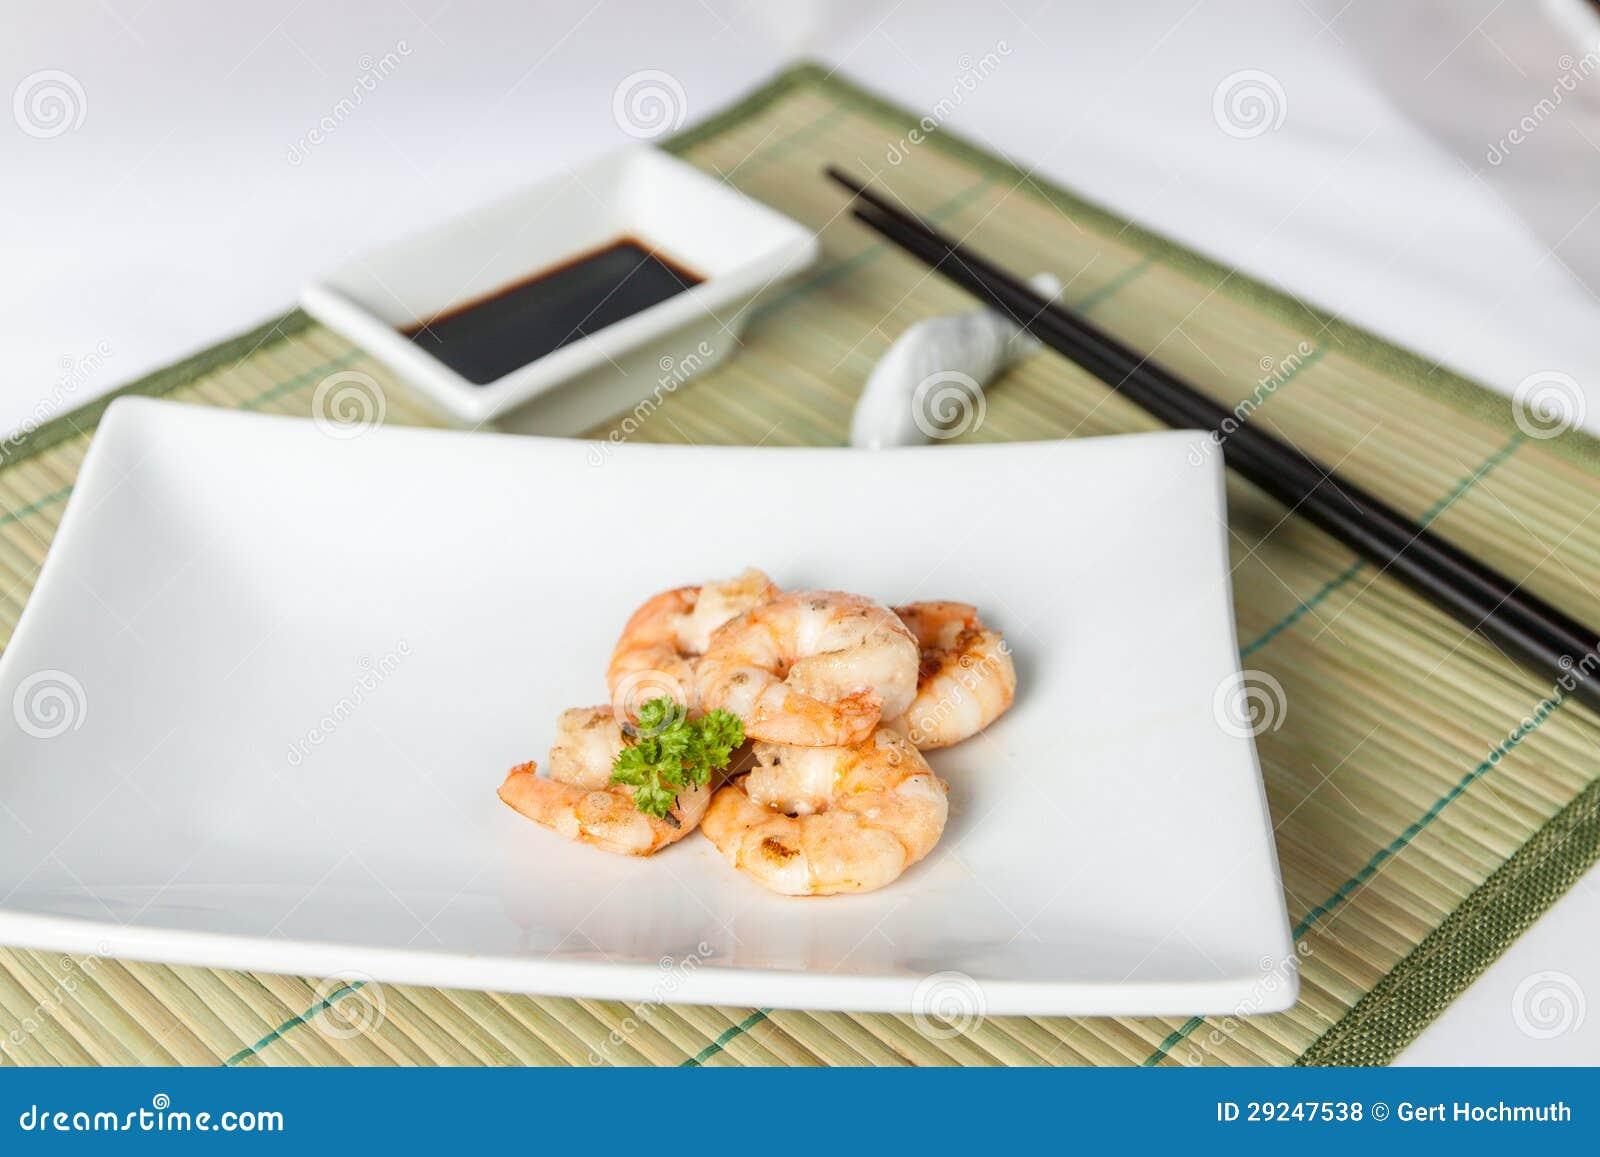 Download Rei Camarão foto de stock. Imagem de fritado, closeup - 29247538